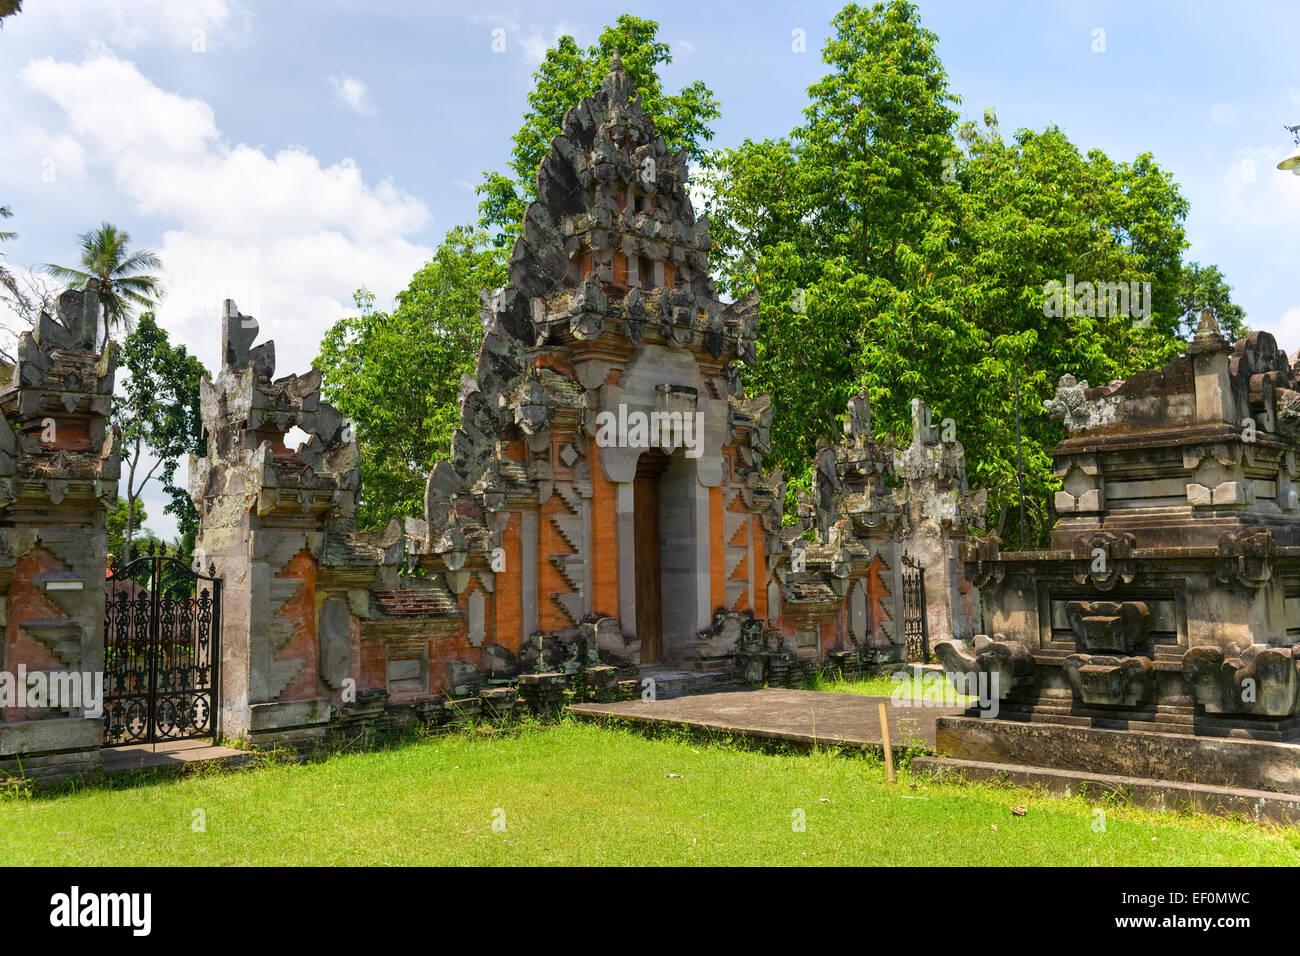 Eingang eines Indu-Tempels in Ubud, Bali, Indonesien. Stockfoto